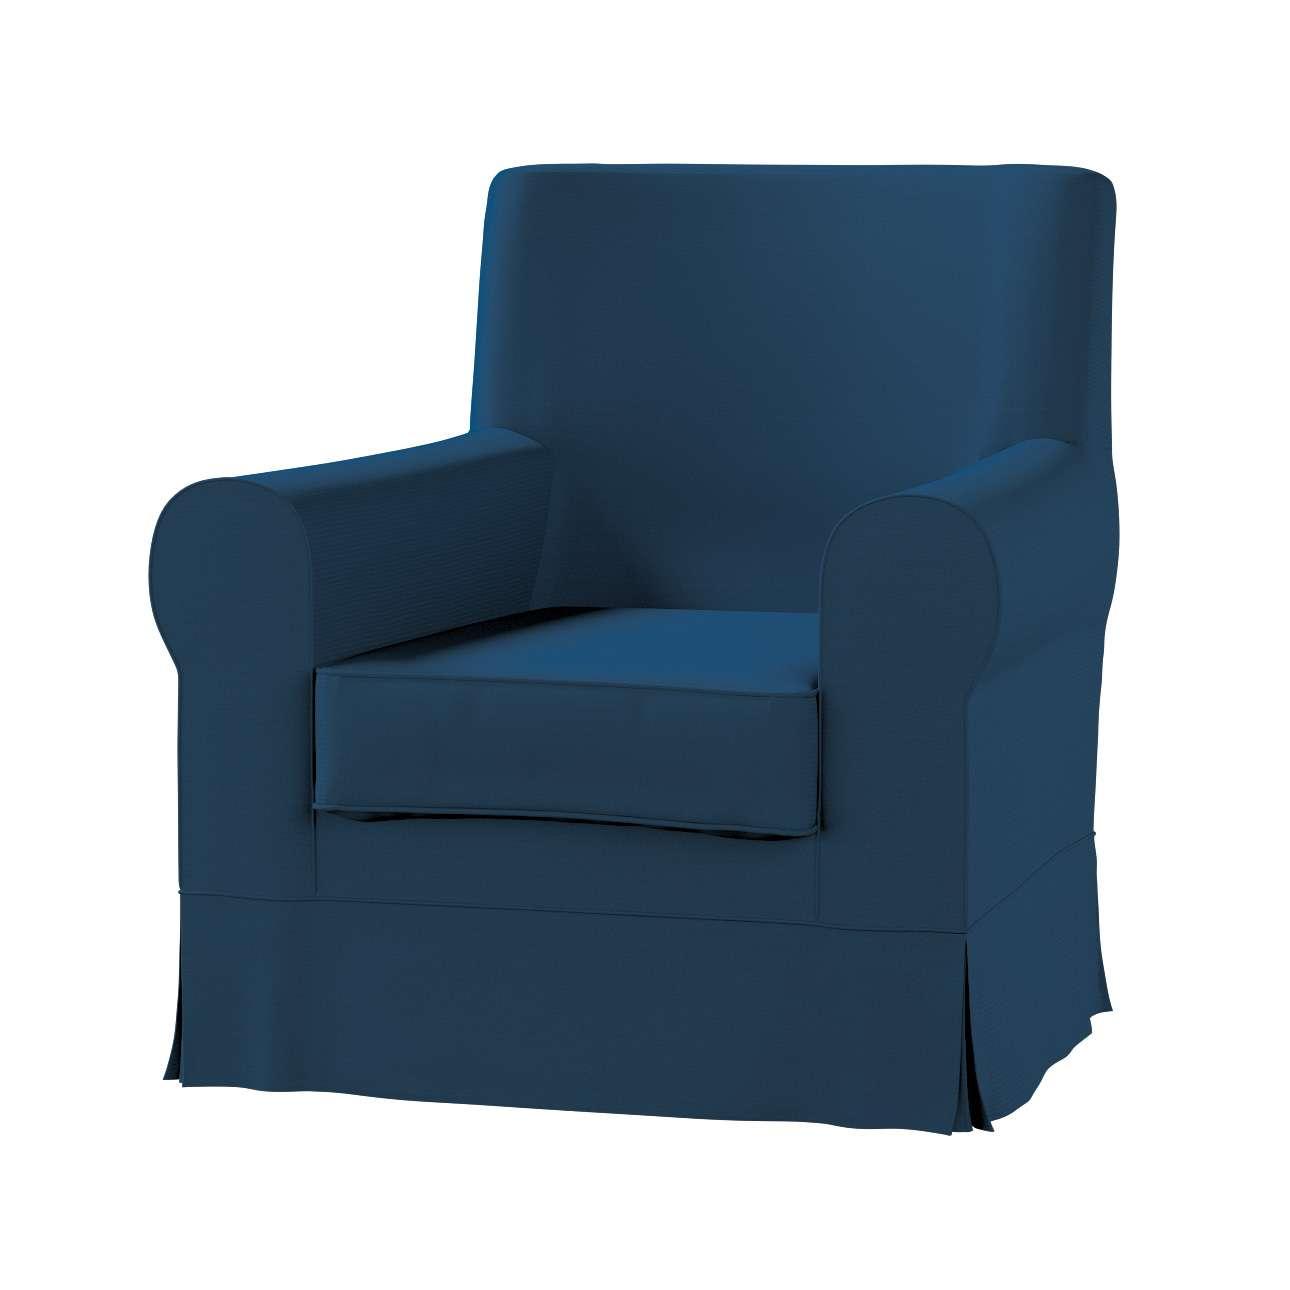 Pokrowiec na fotel Ektorp Jennylund Fotel Ektorp Jennylund w kolekcji Cotton Panama, tkanina: 702-30